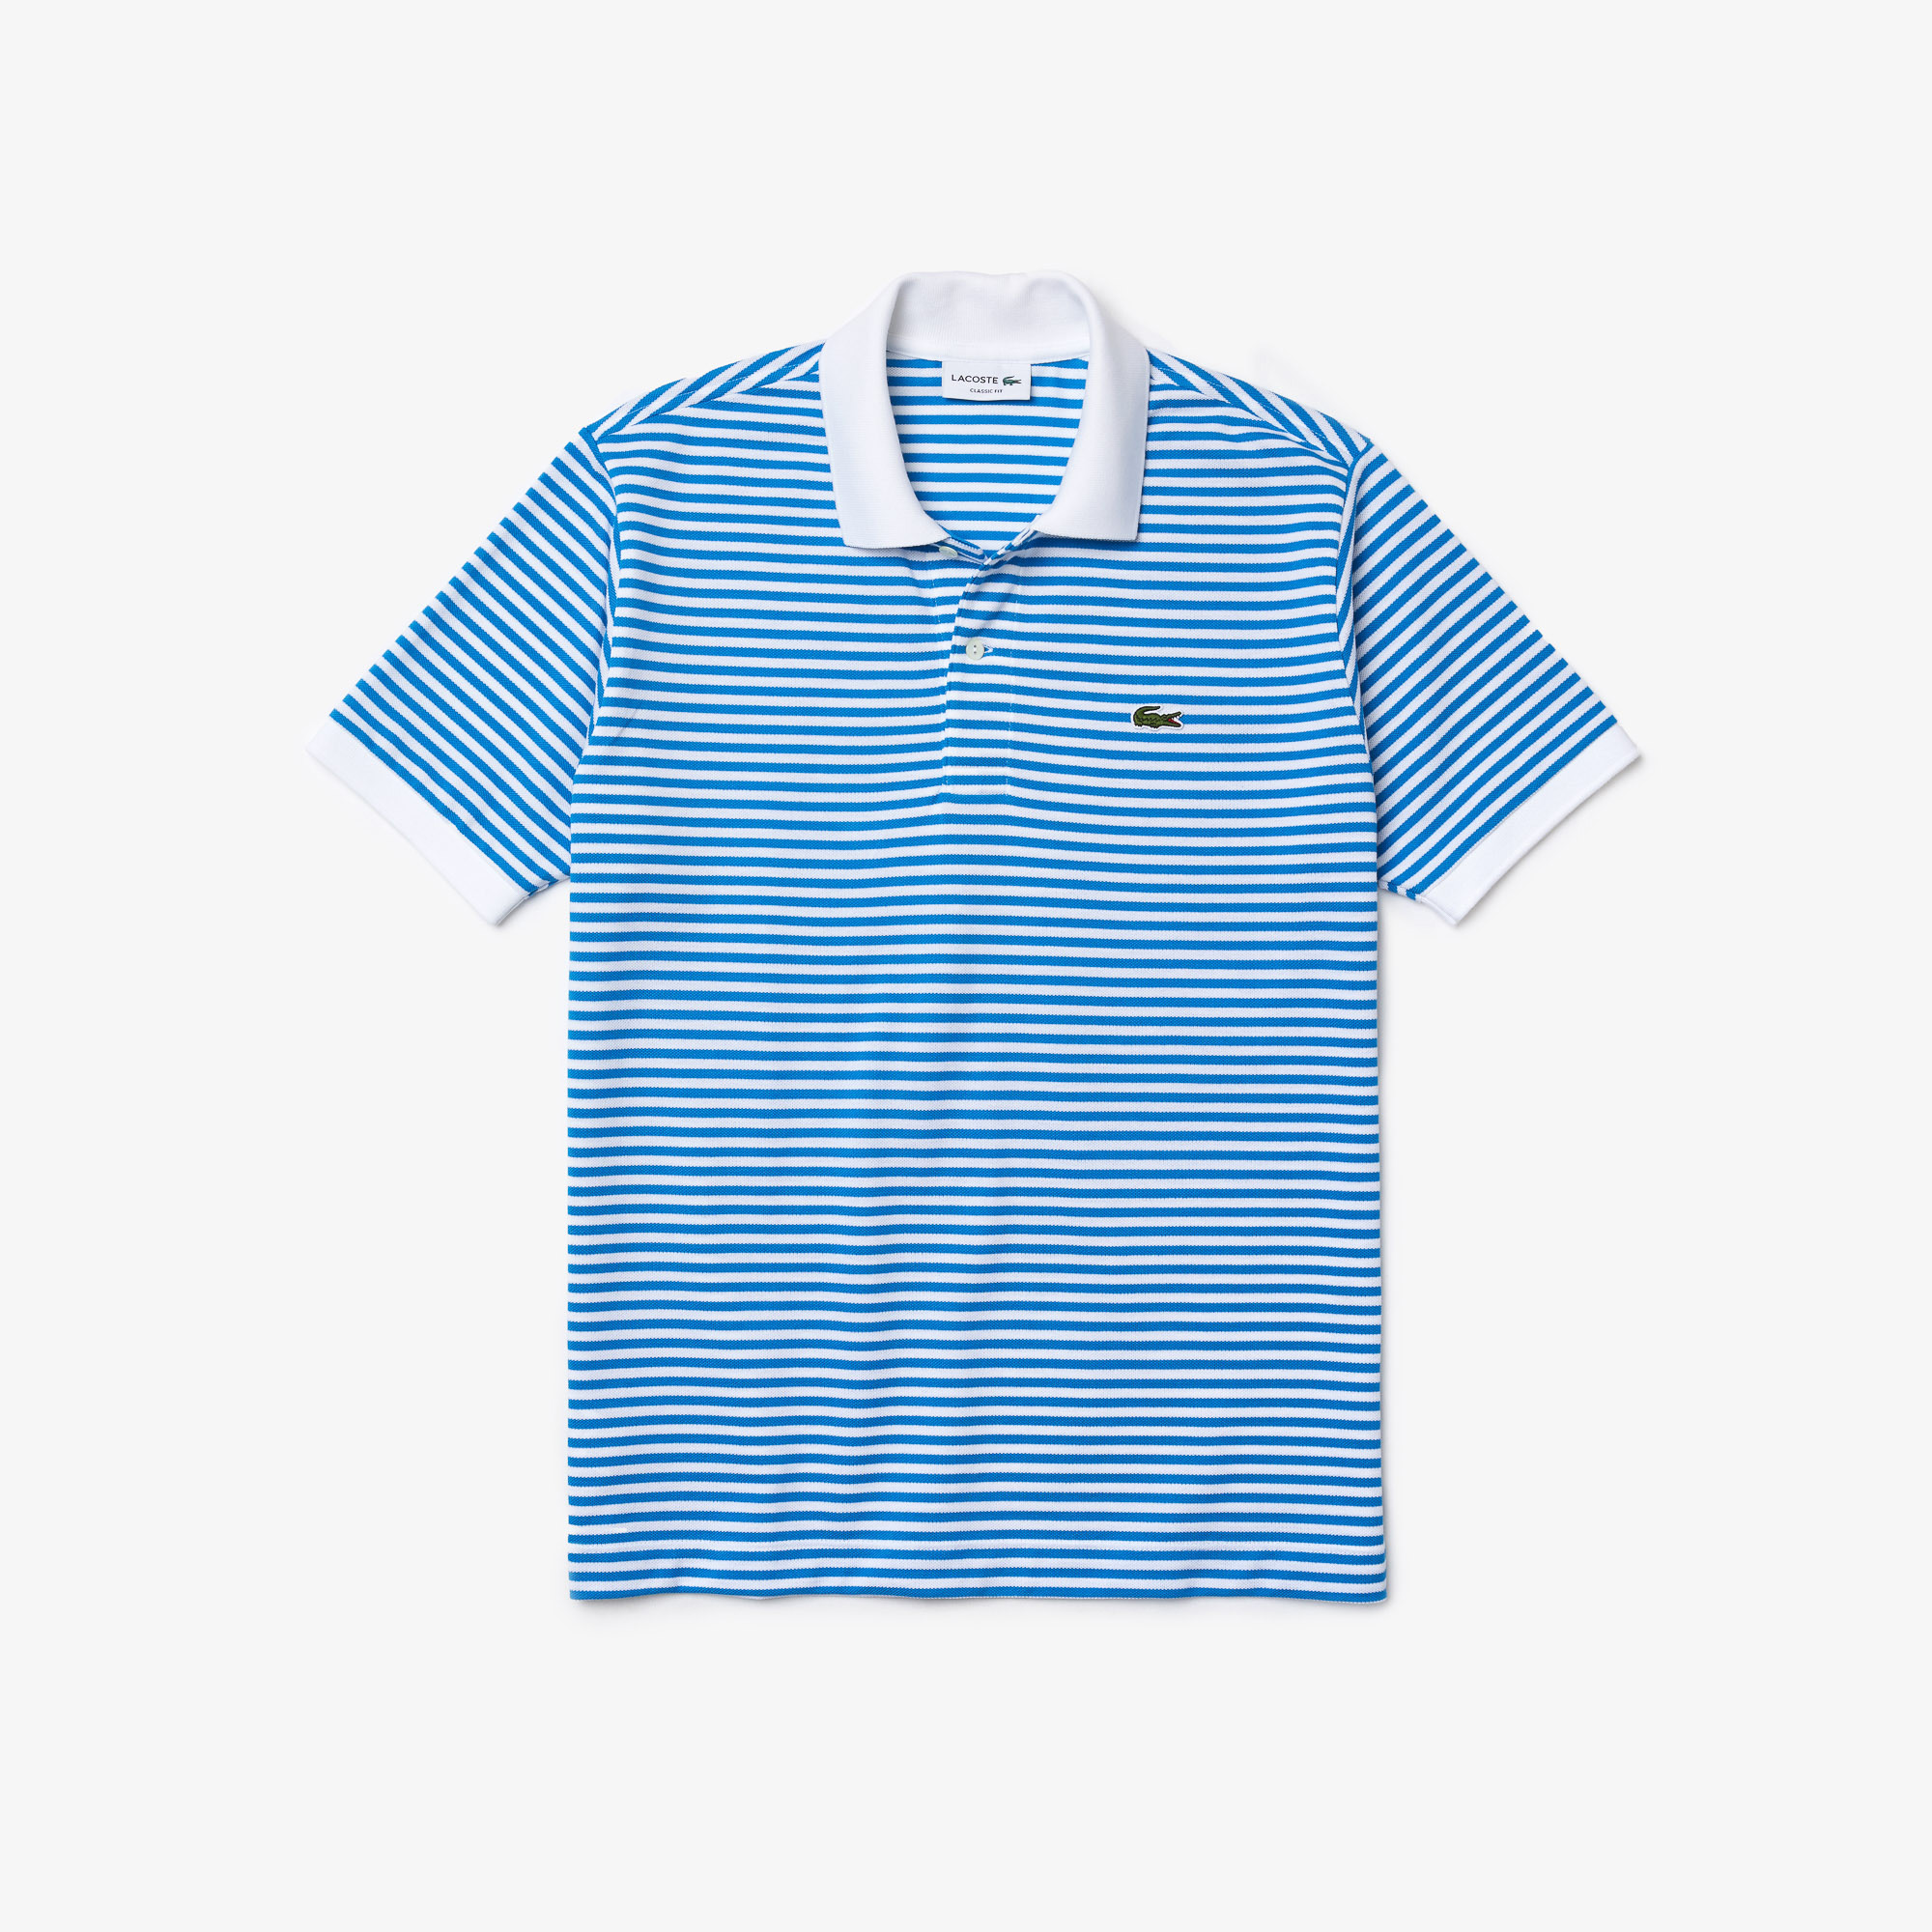 Lacoste Męska koszulka polo Classic Fit z piki bawełnianej w paski